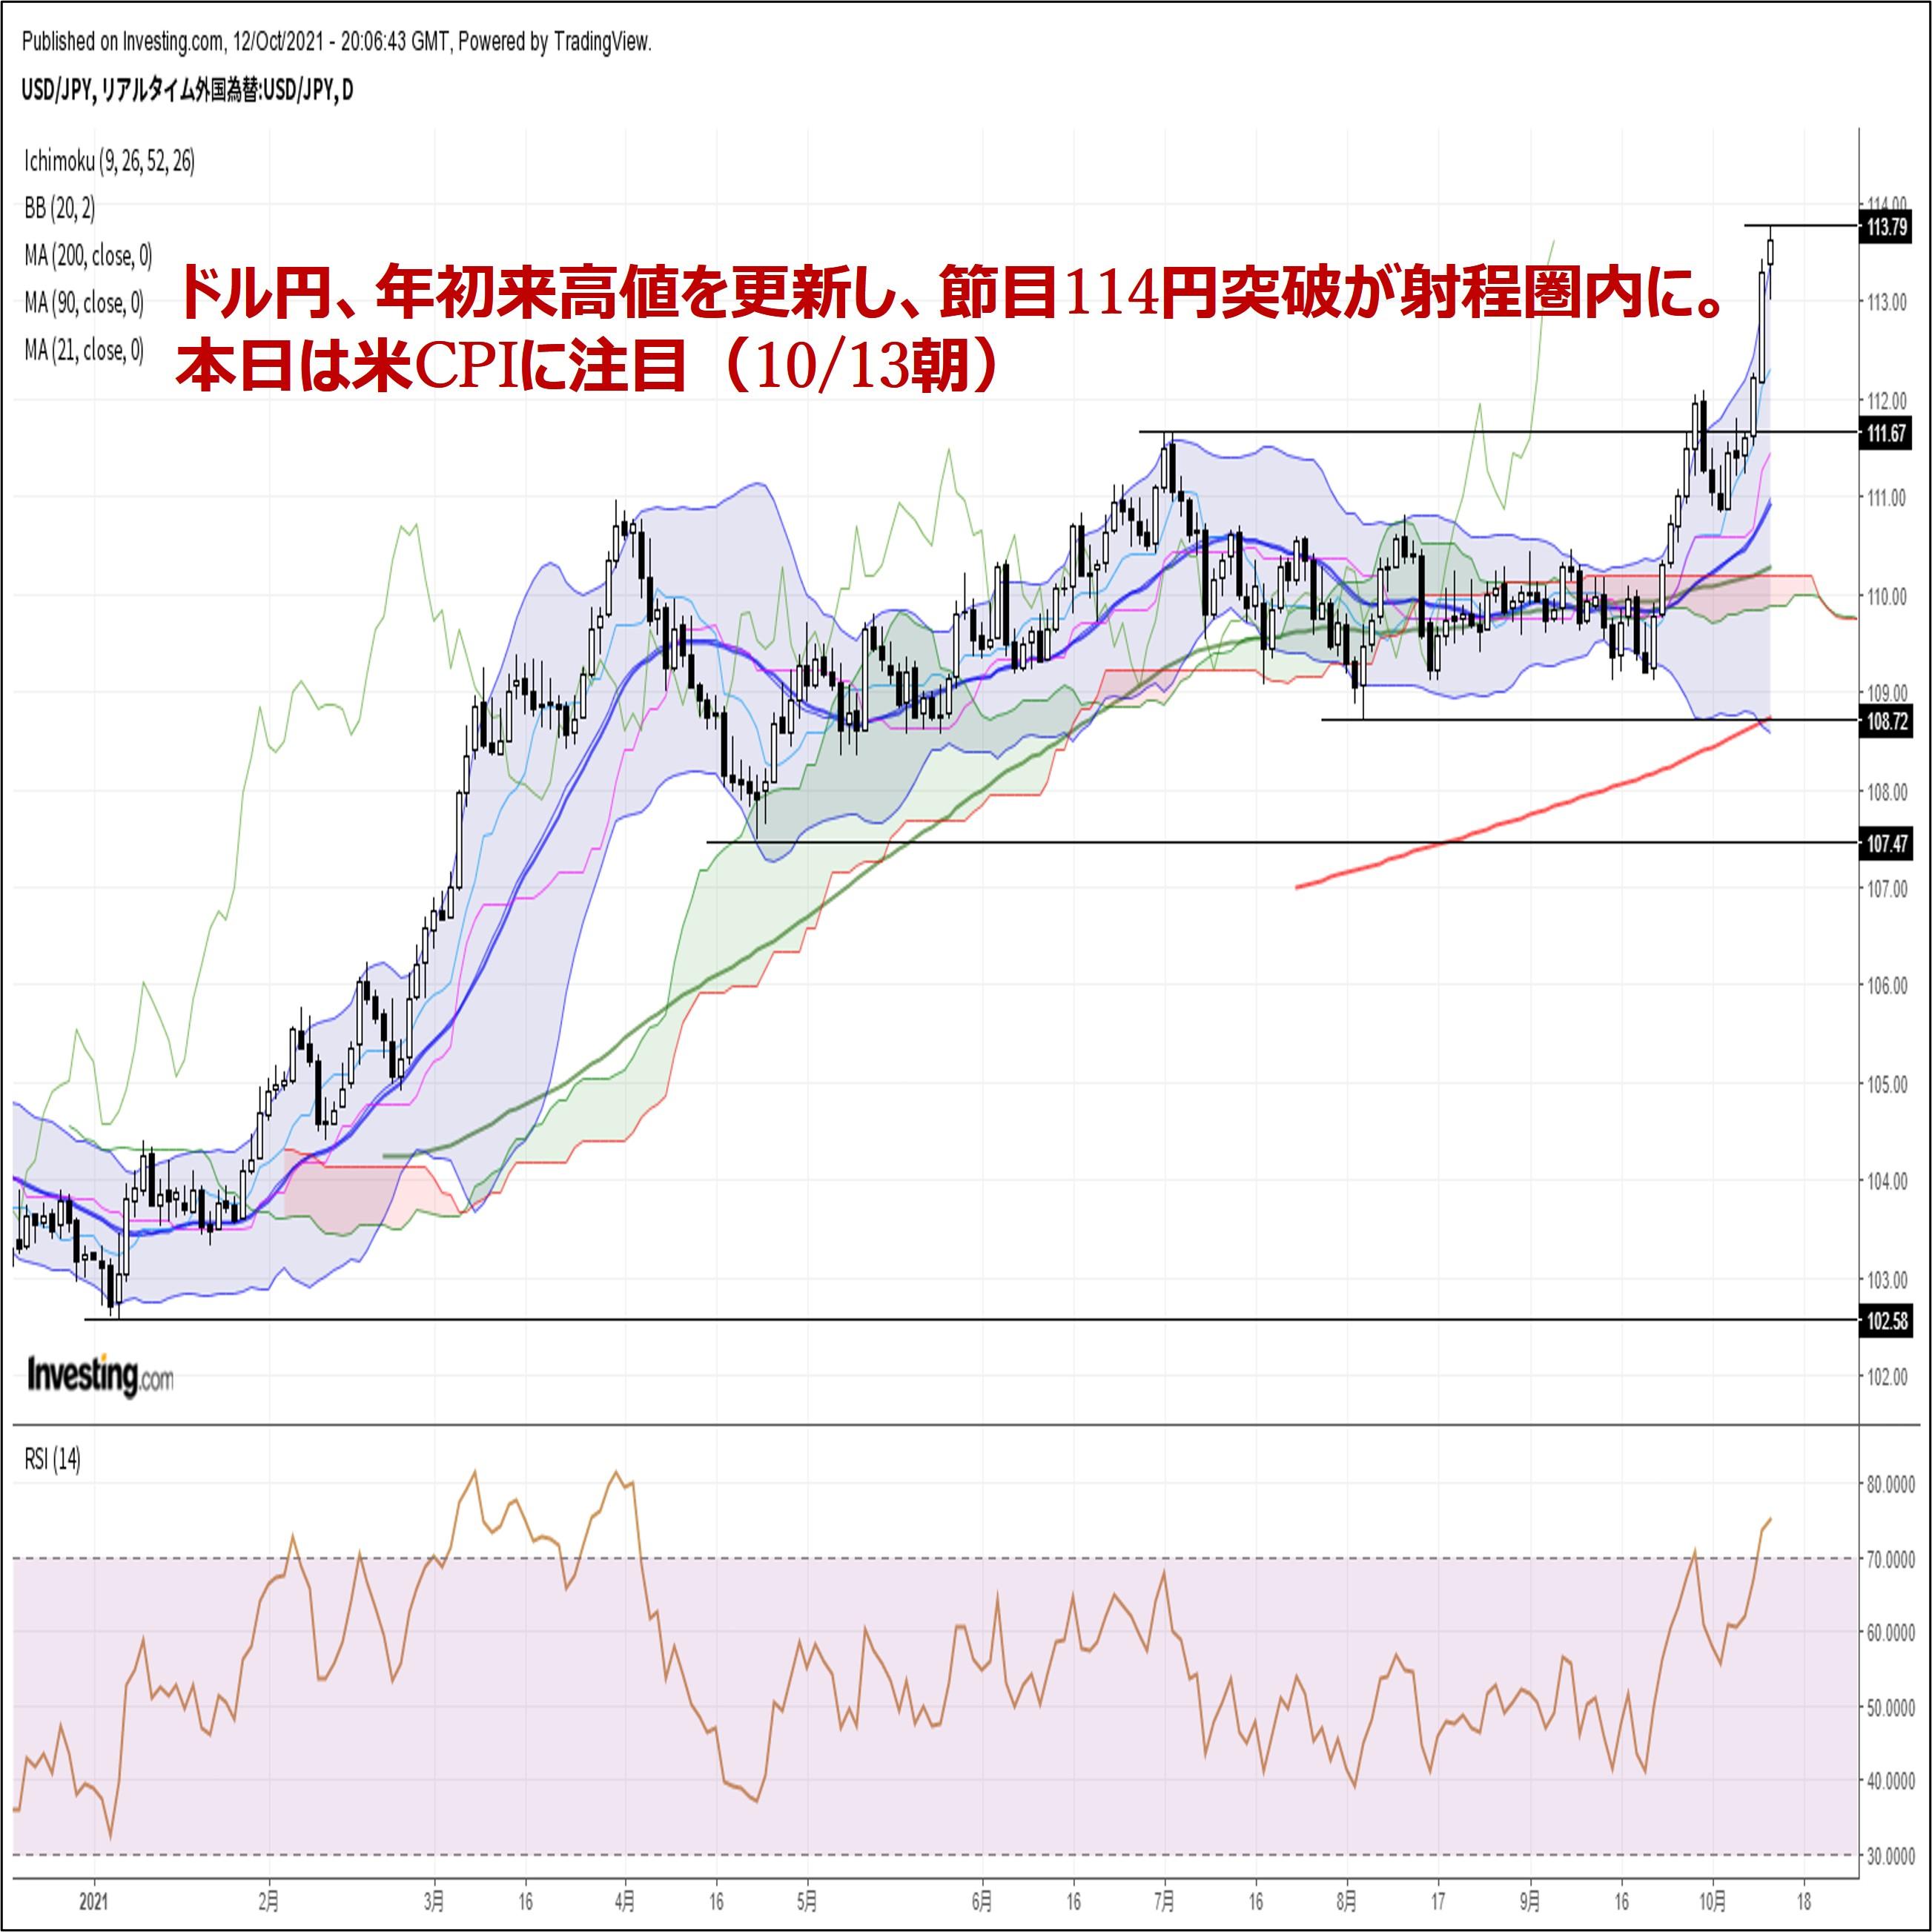 ドル円、年初来高値を更新し、節目114円突破が射程圏内に。本日は米CPIに注目